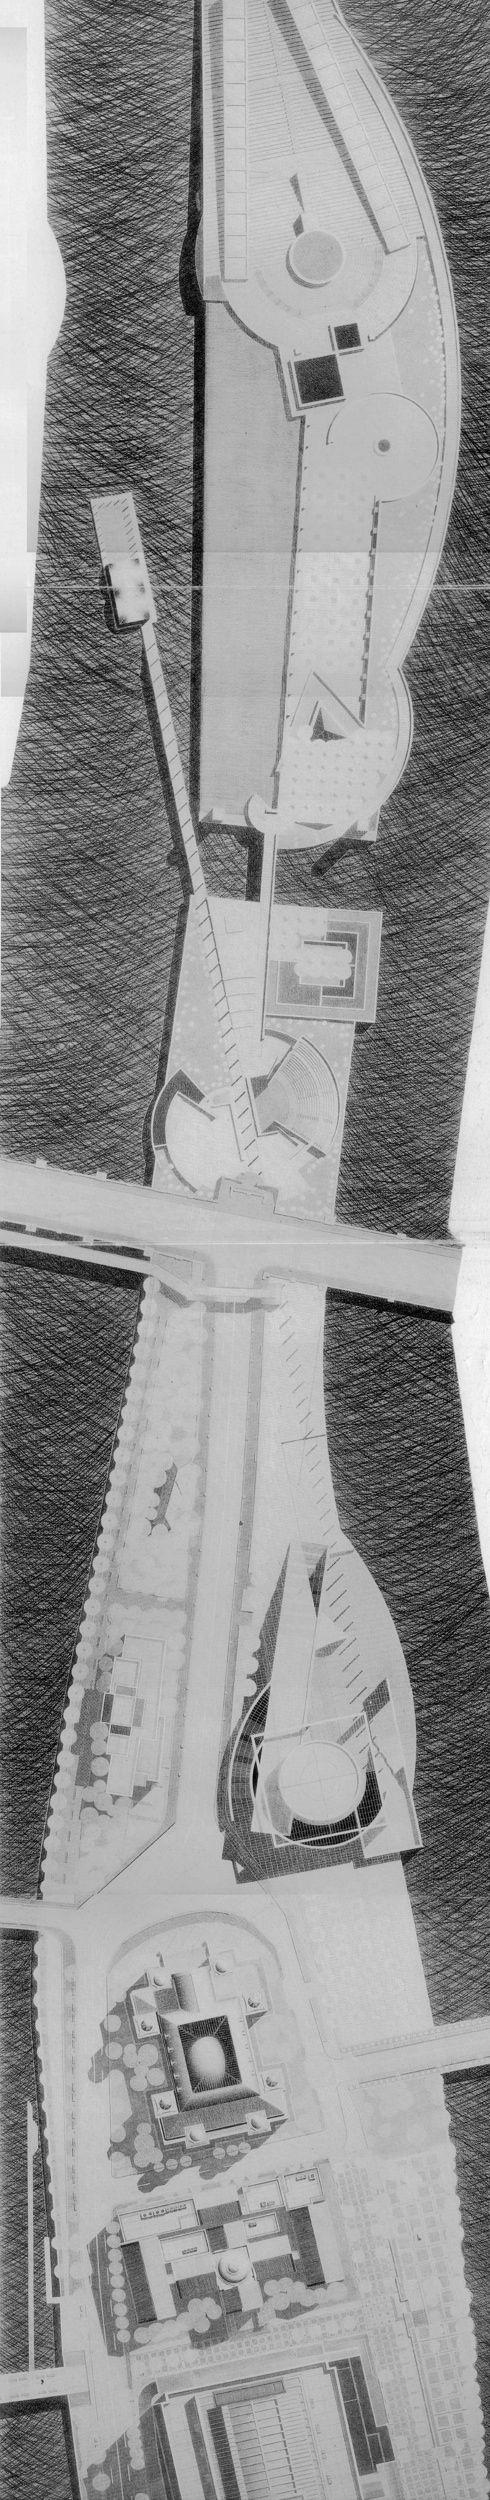 Nakanoshima Project, by Tadao Ando [1988]